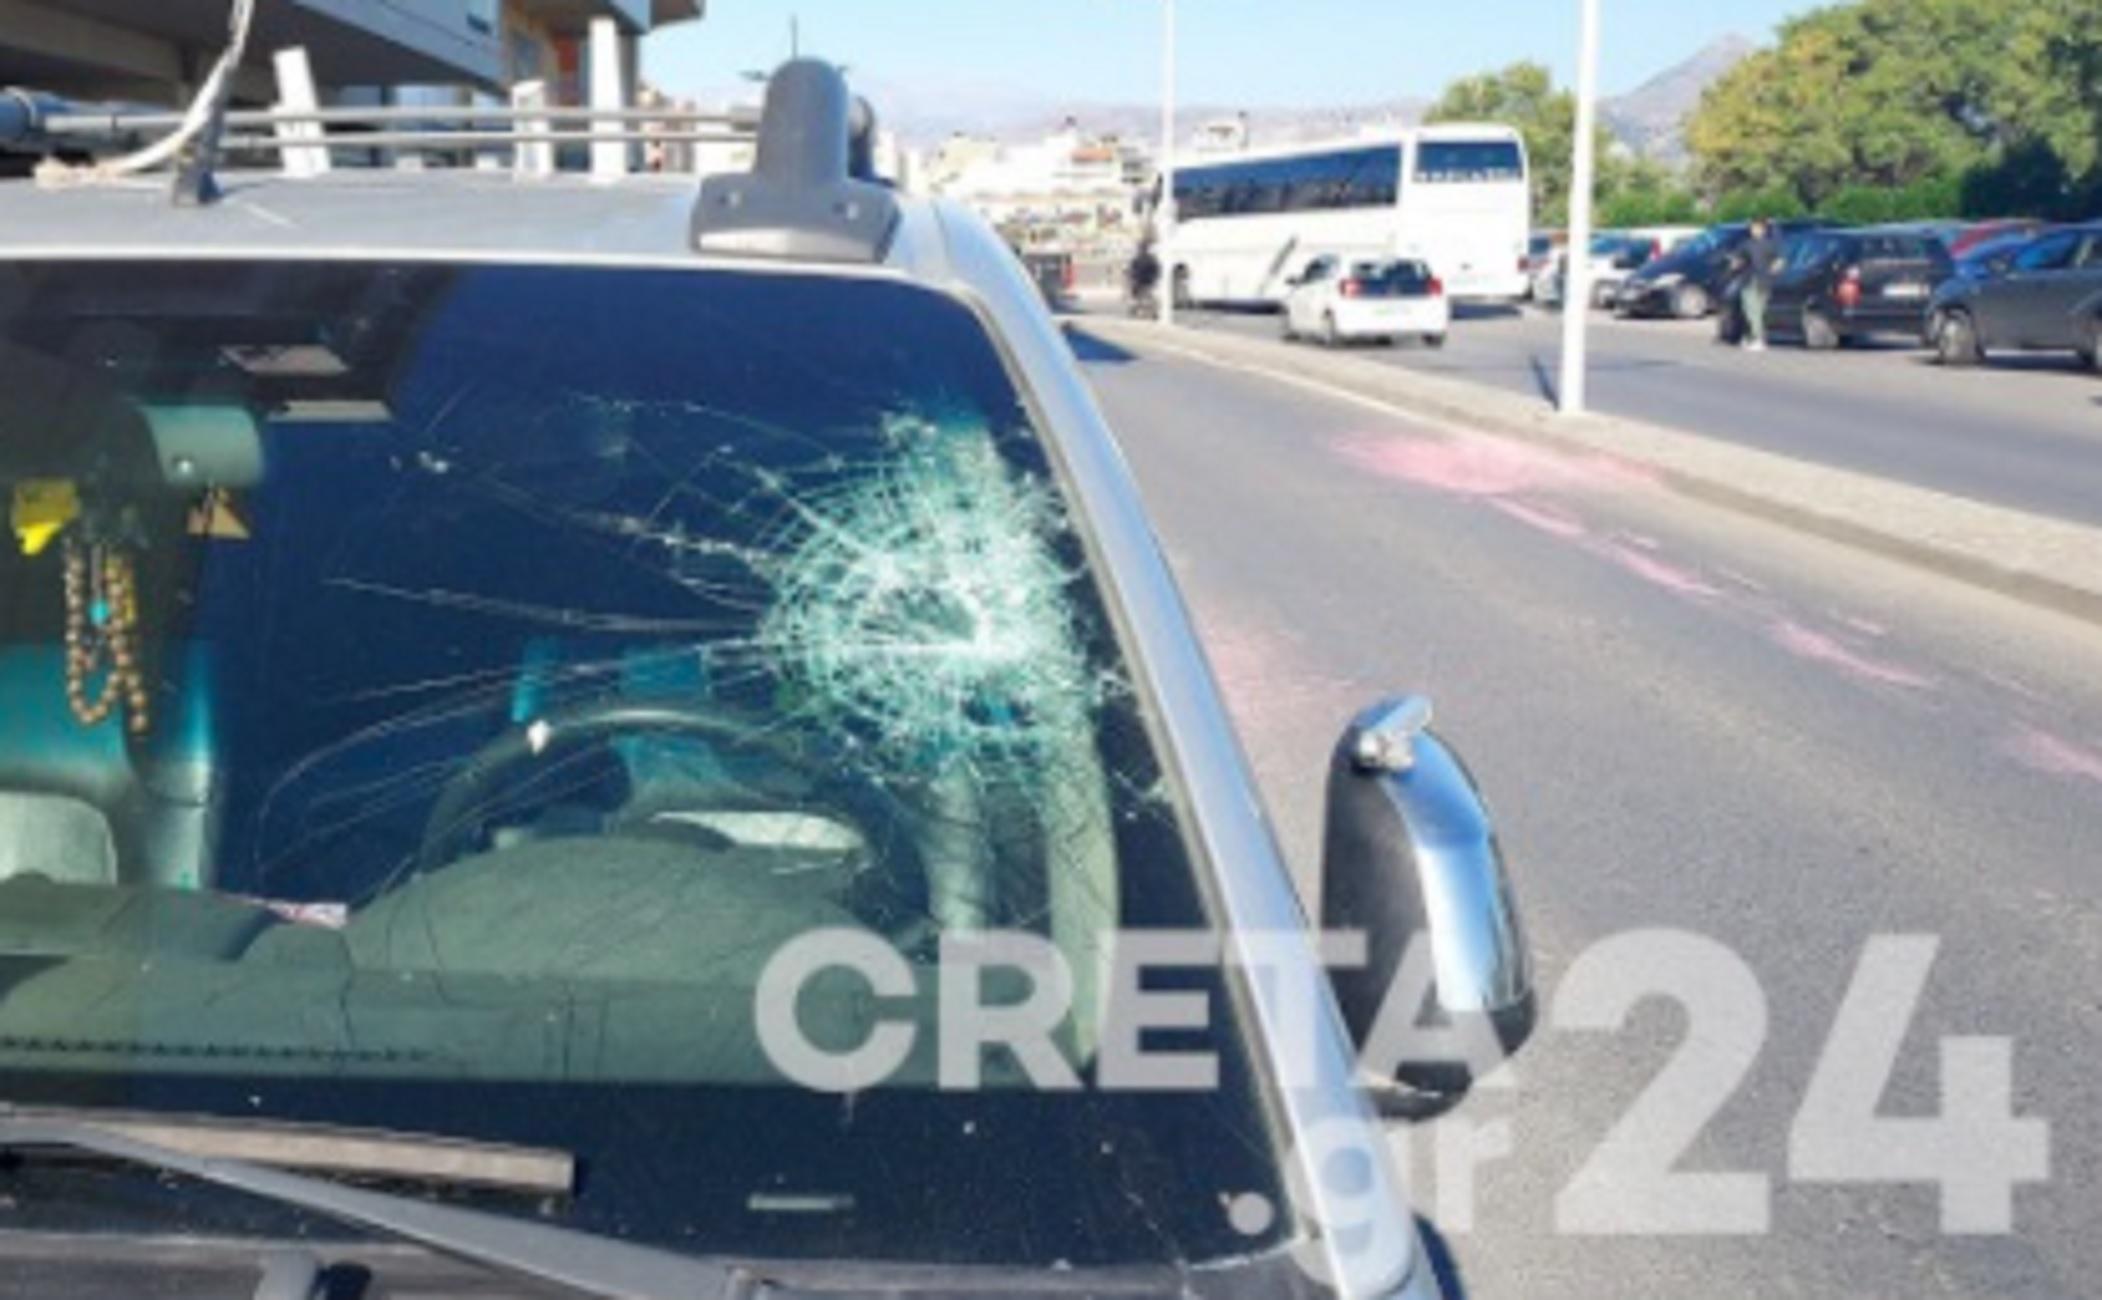 Ηράκλειο: Πετροπόλεμος και μπογιές για κορονοπάρτι που ματαιώθηκε – Χαμός στην παραλιακή